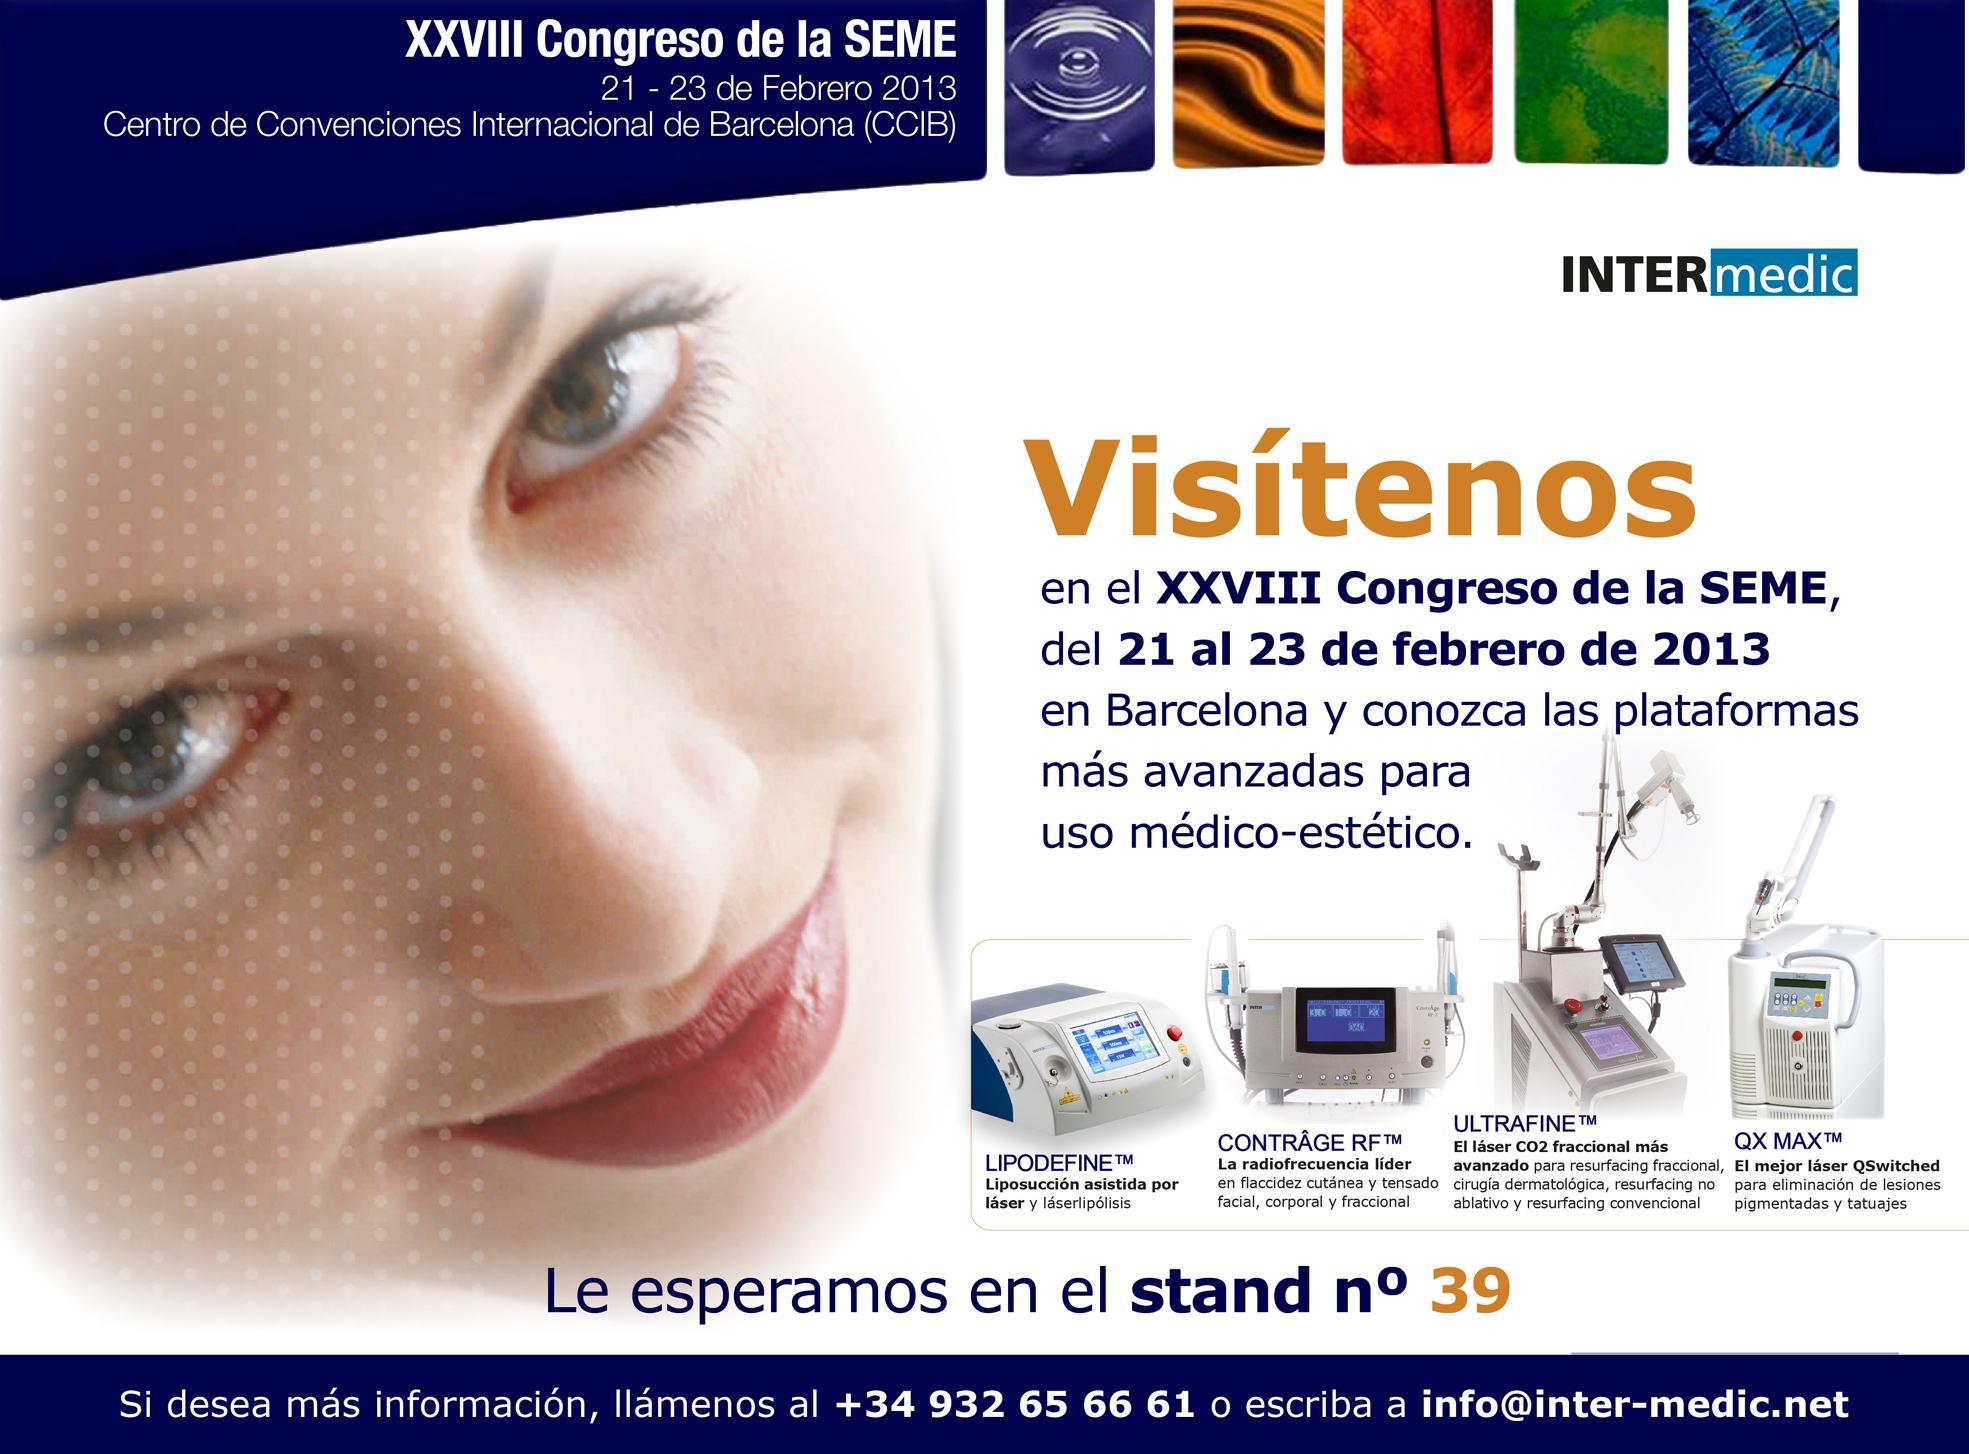 XXVIII Congreso de la SEME